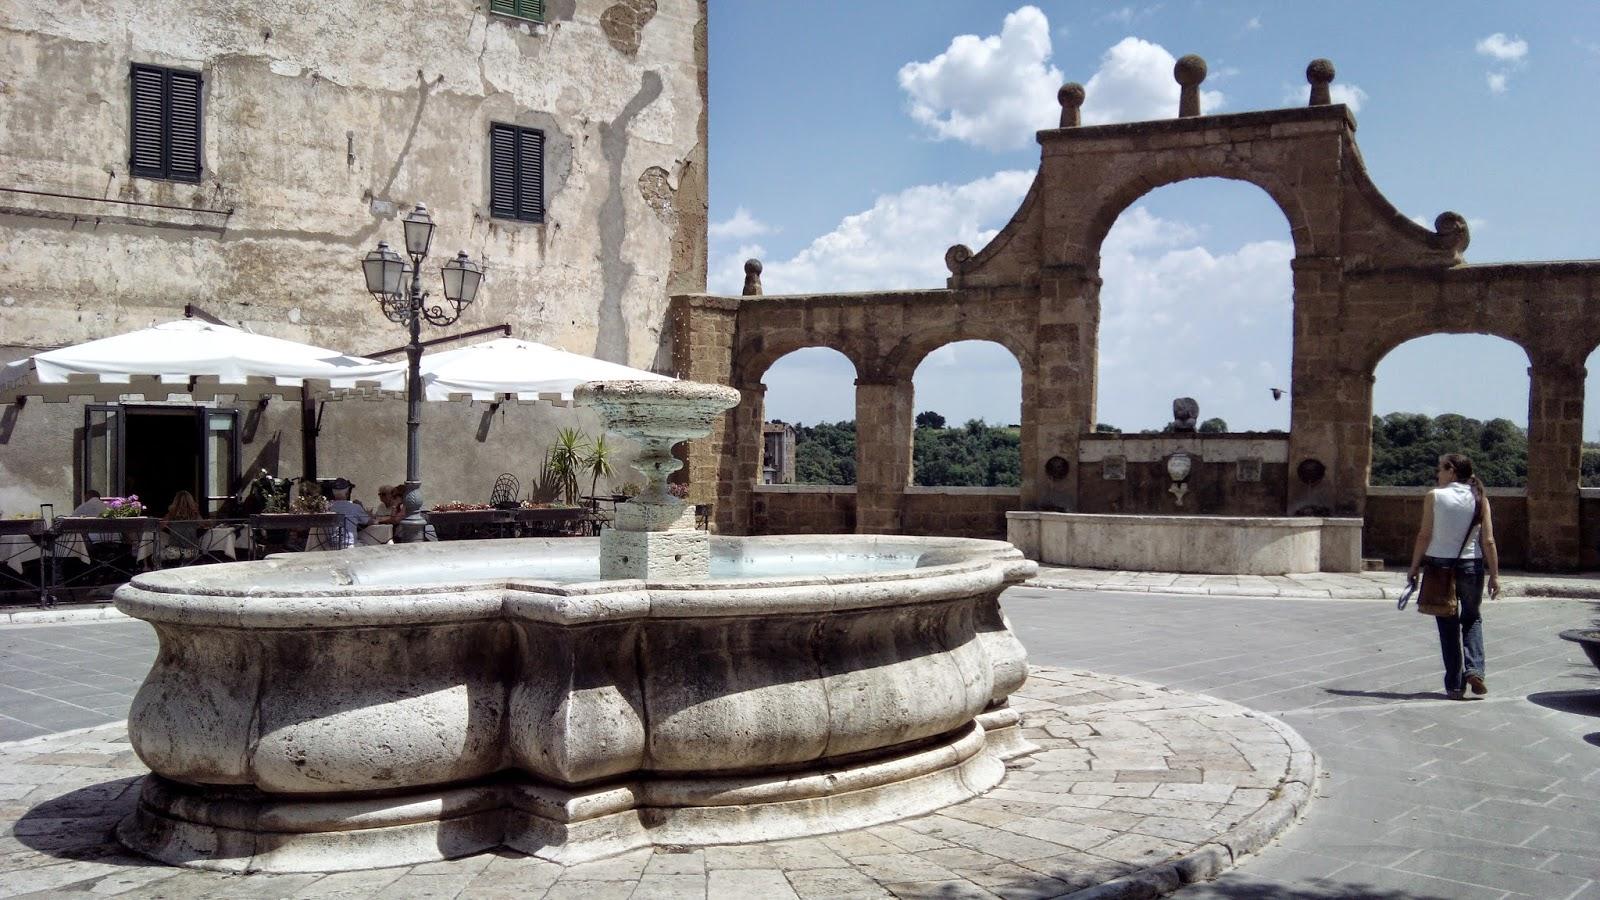 Pitigliano Praca Republica - Pitigliano, cultura e vinho na Toscana da Maremma!